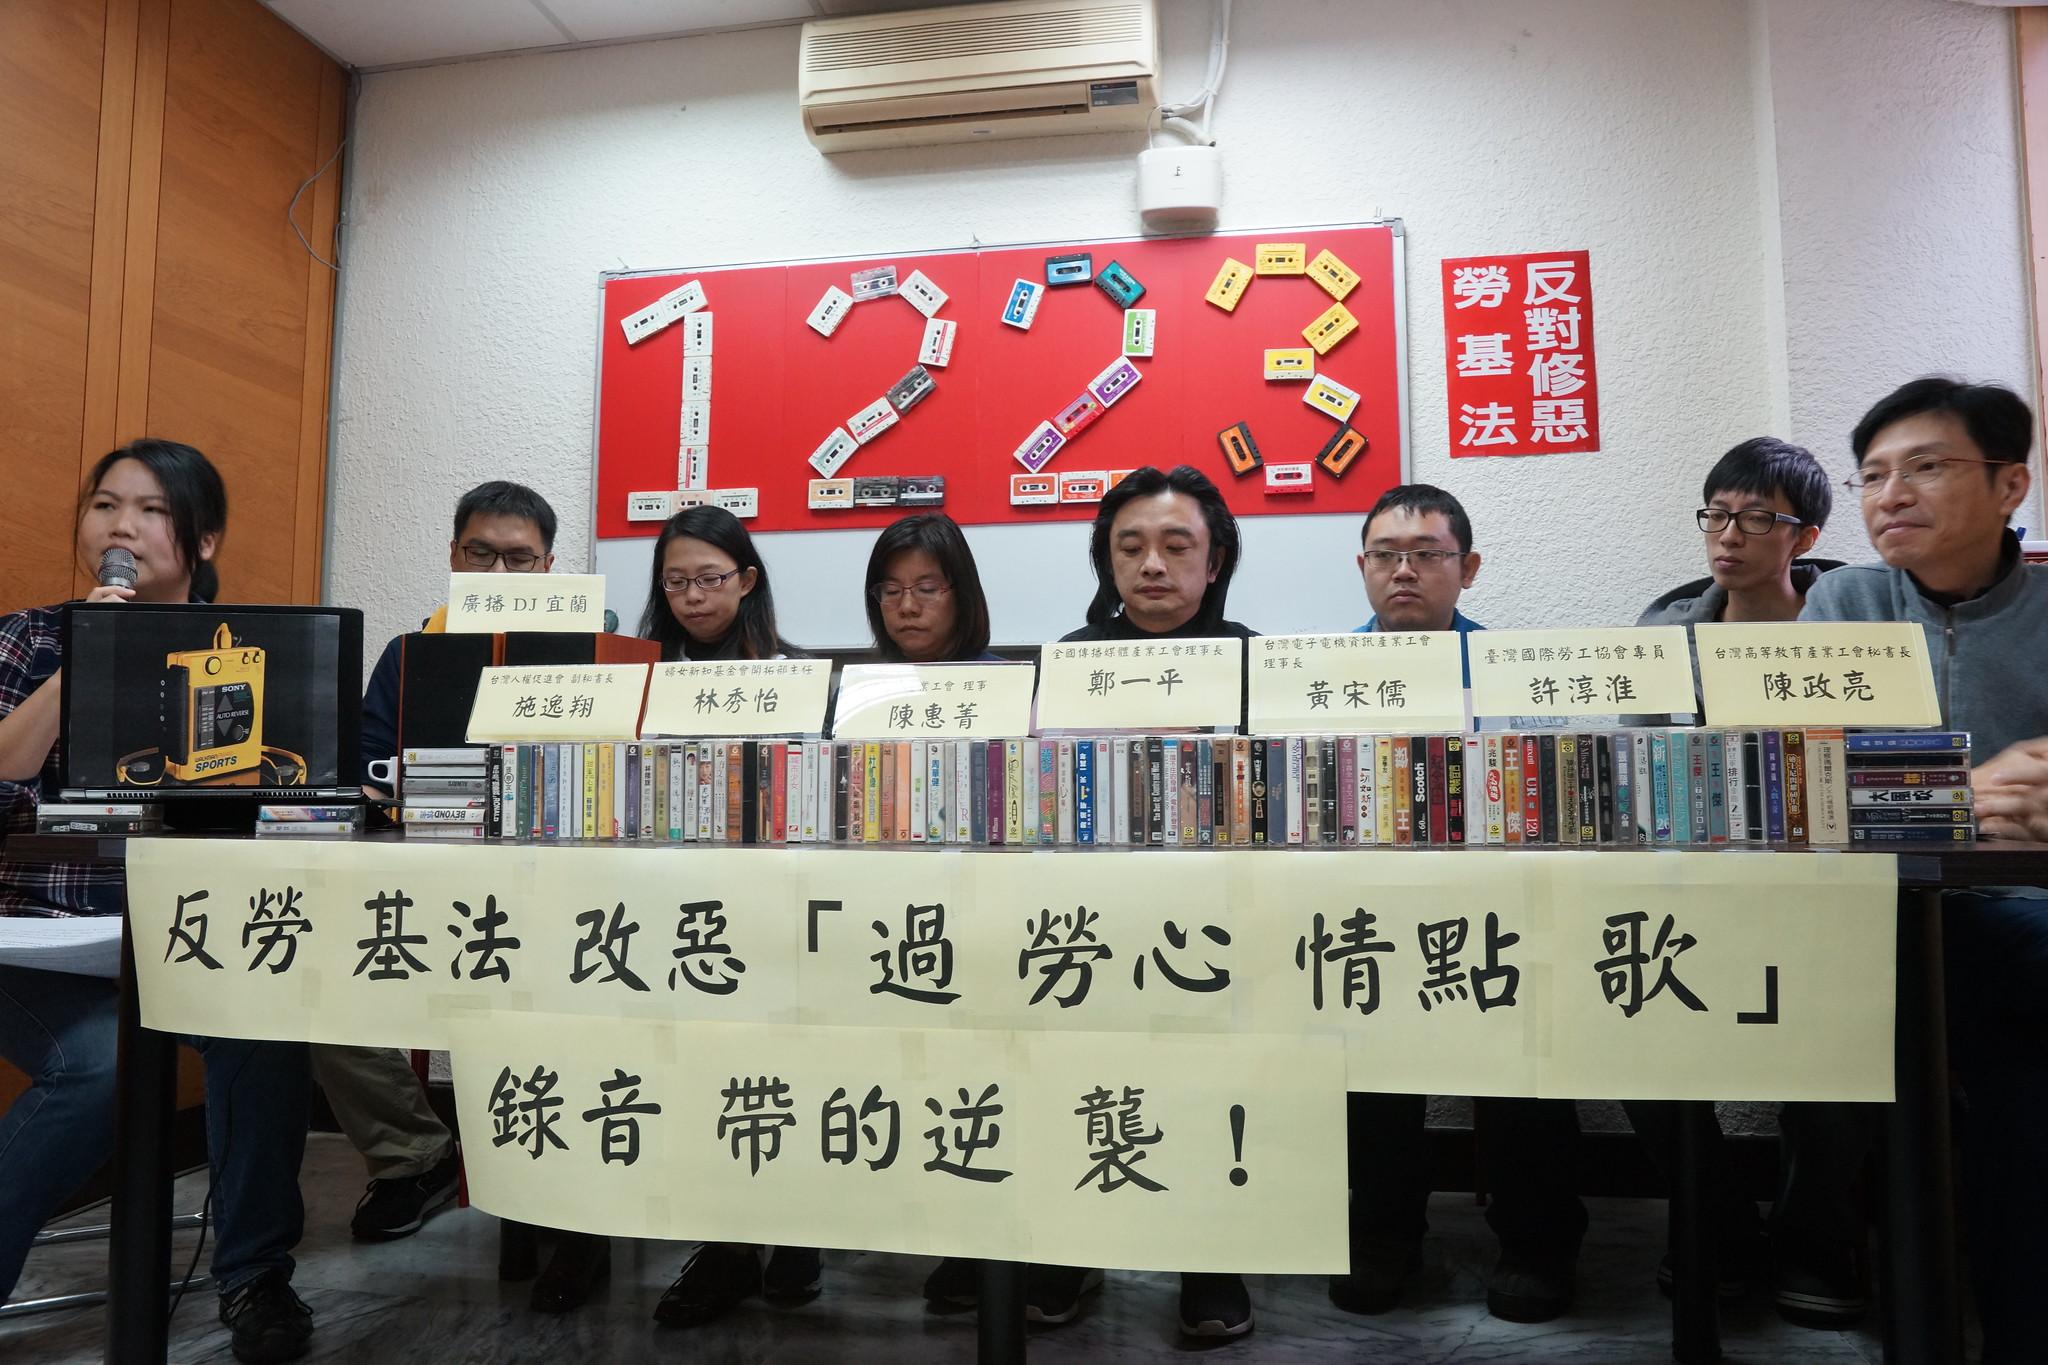 勞團舉行「過勞心情點歌」記者會,用金曲傳達反對修法的心聲。(攝影:王顥中)